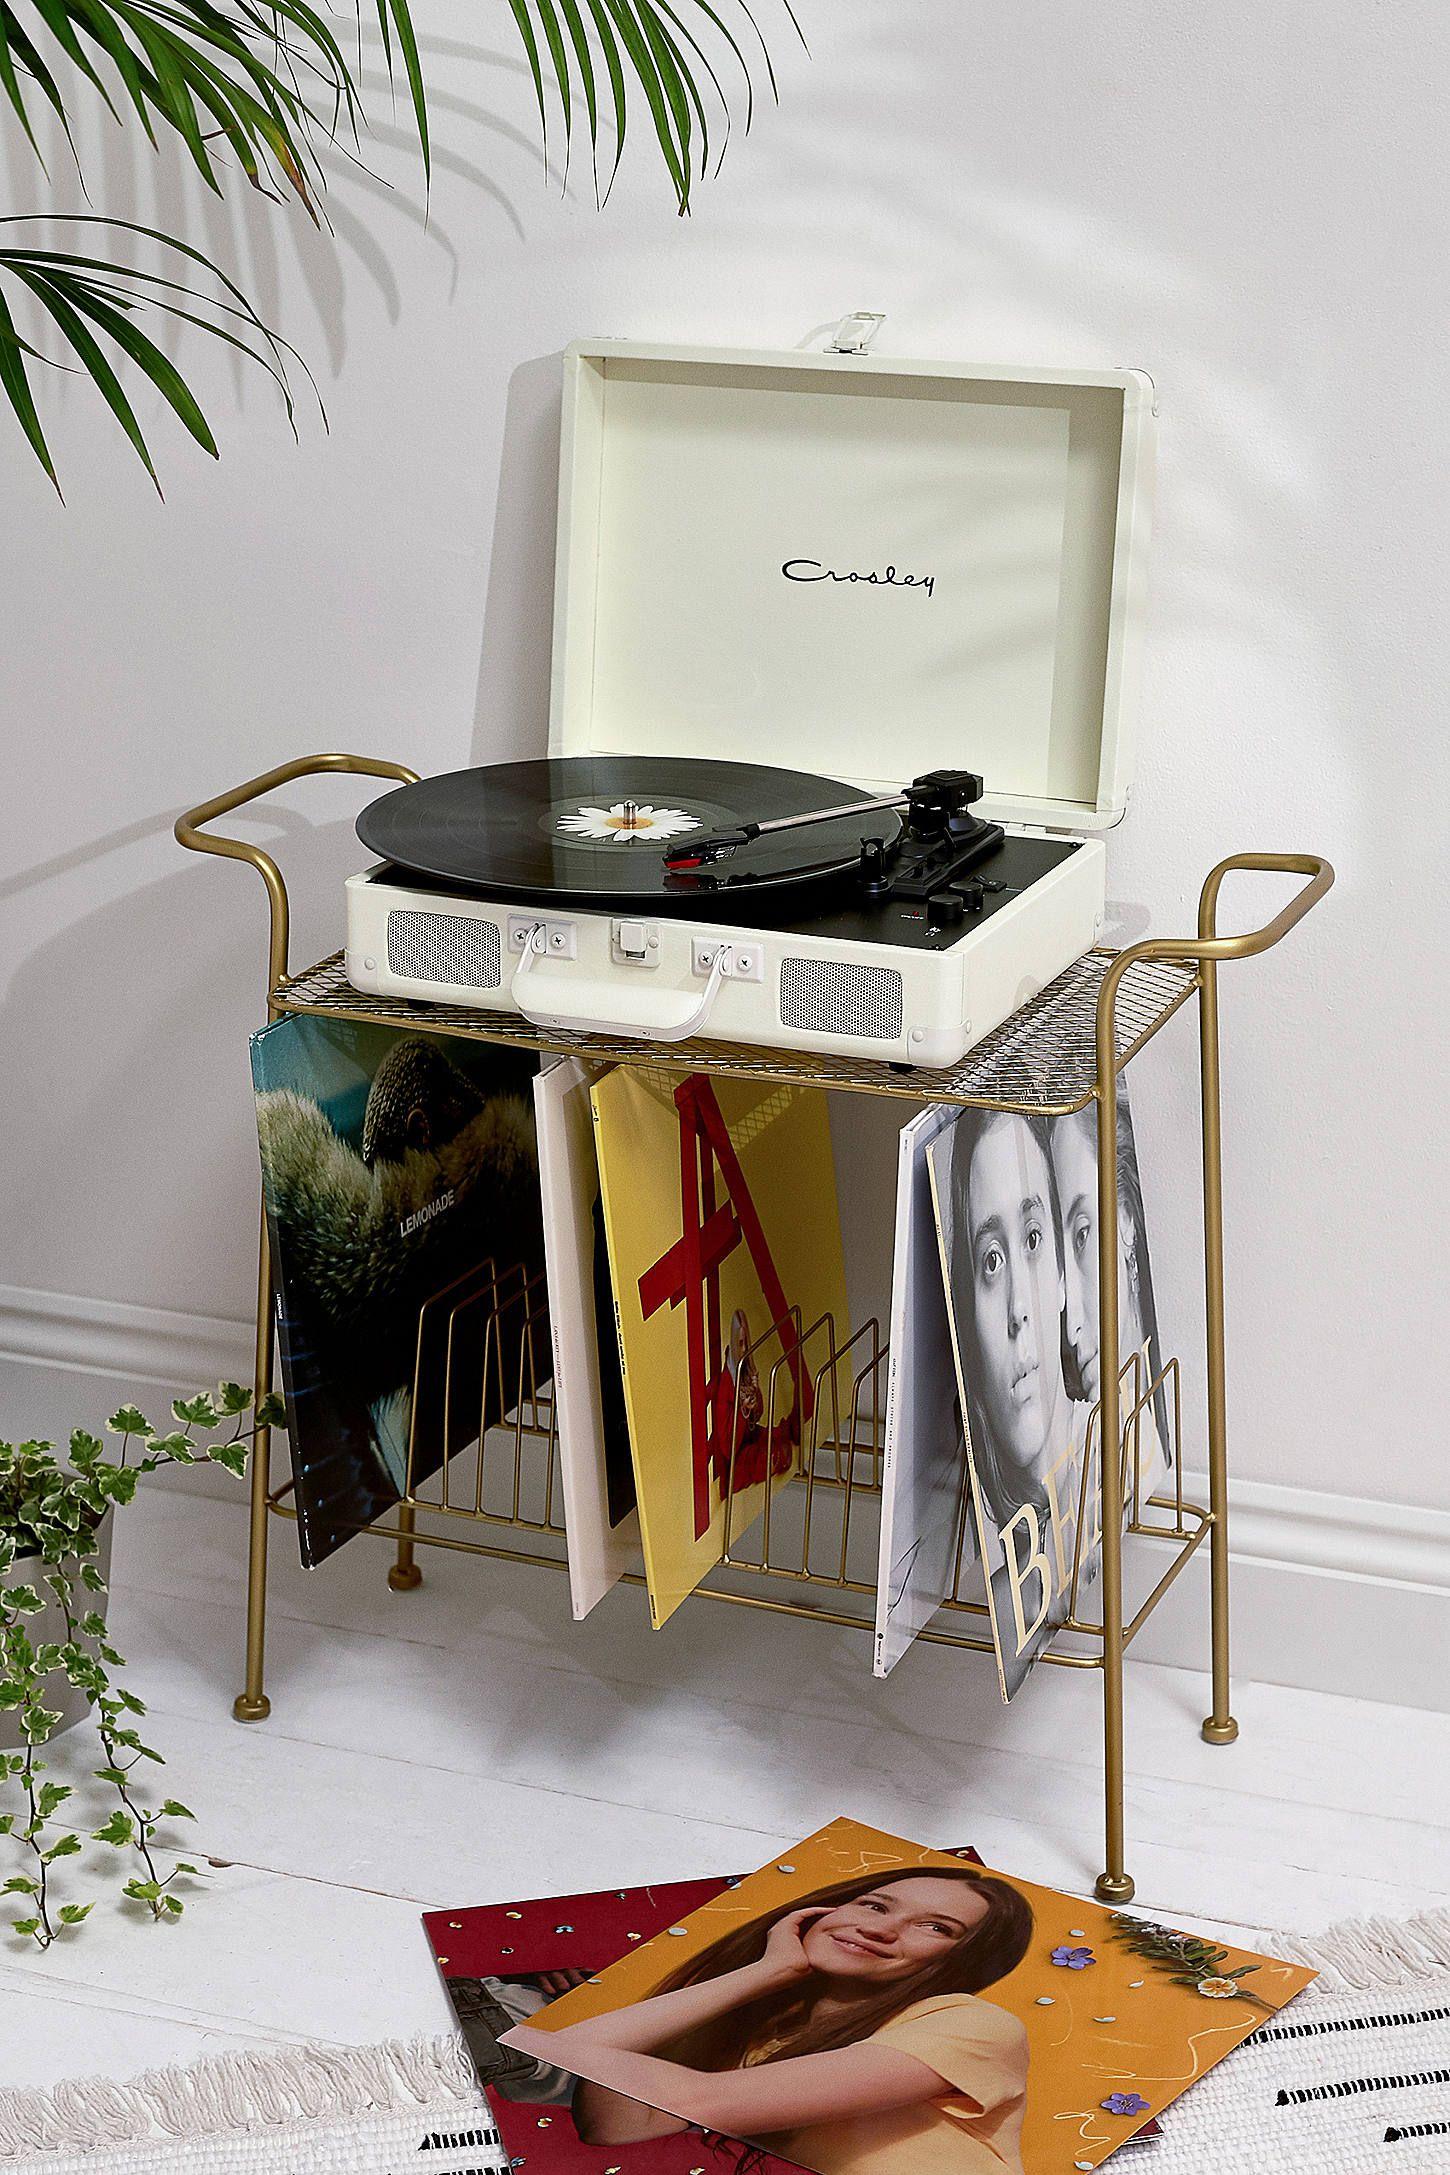 Vinyl Record Storage Shelf in 2020 Vinyl record storage